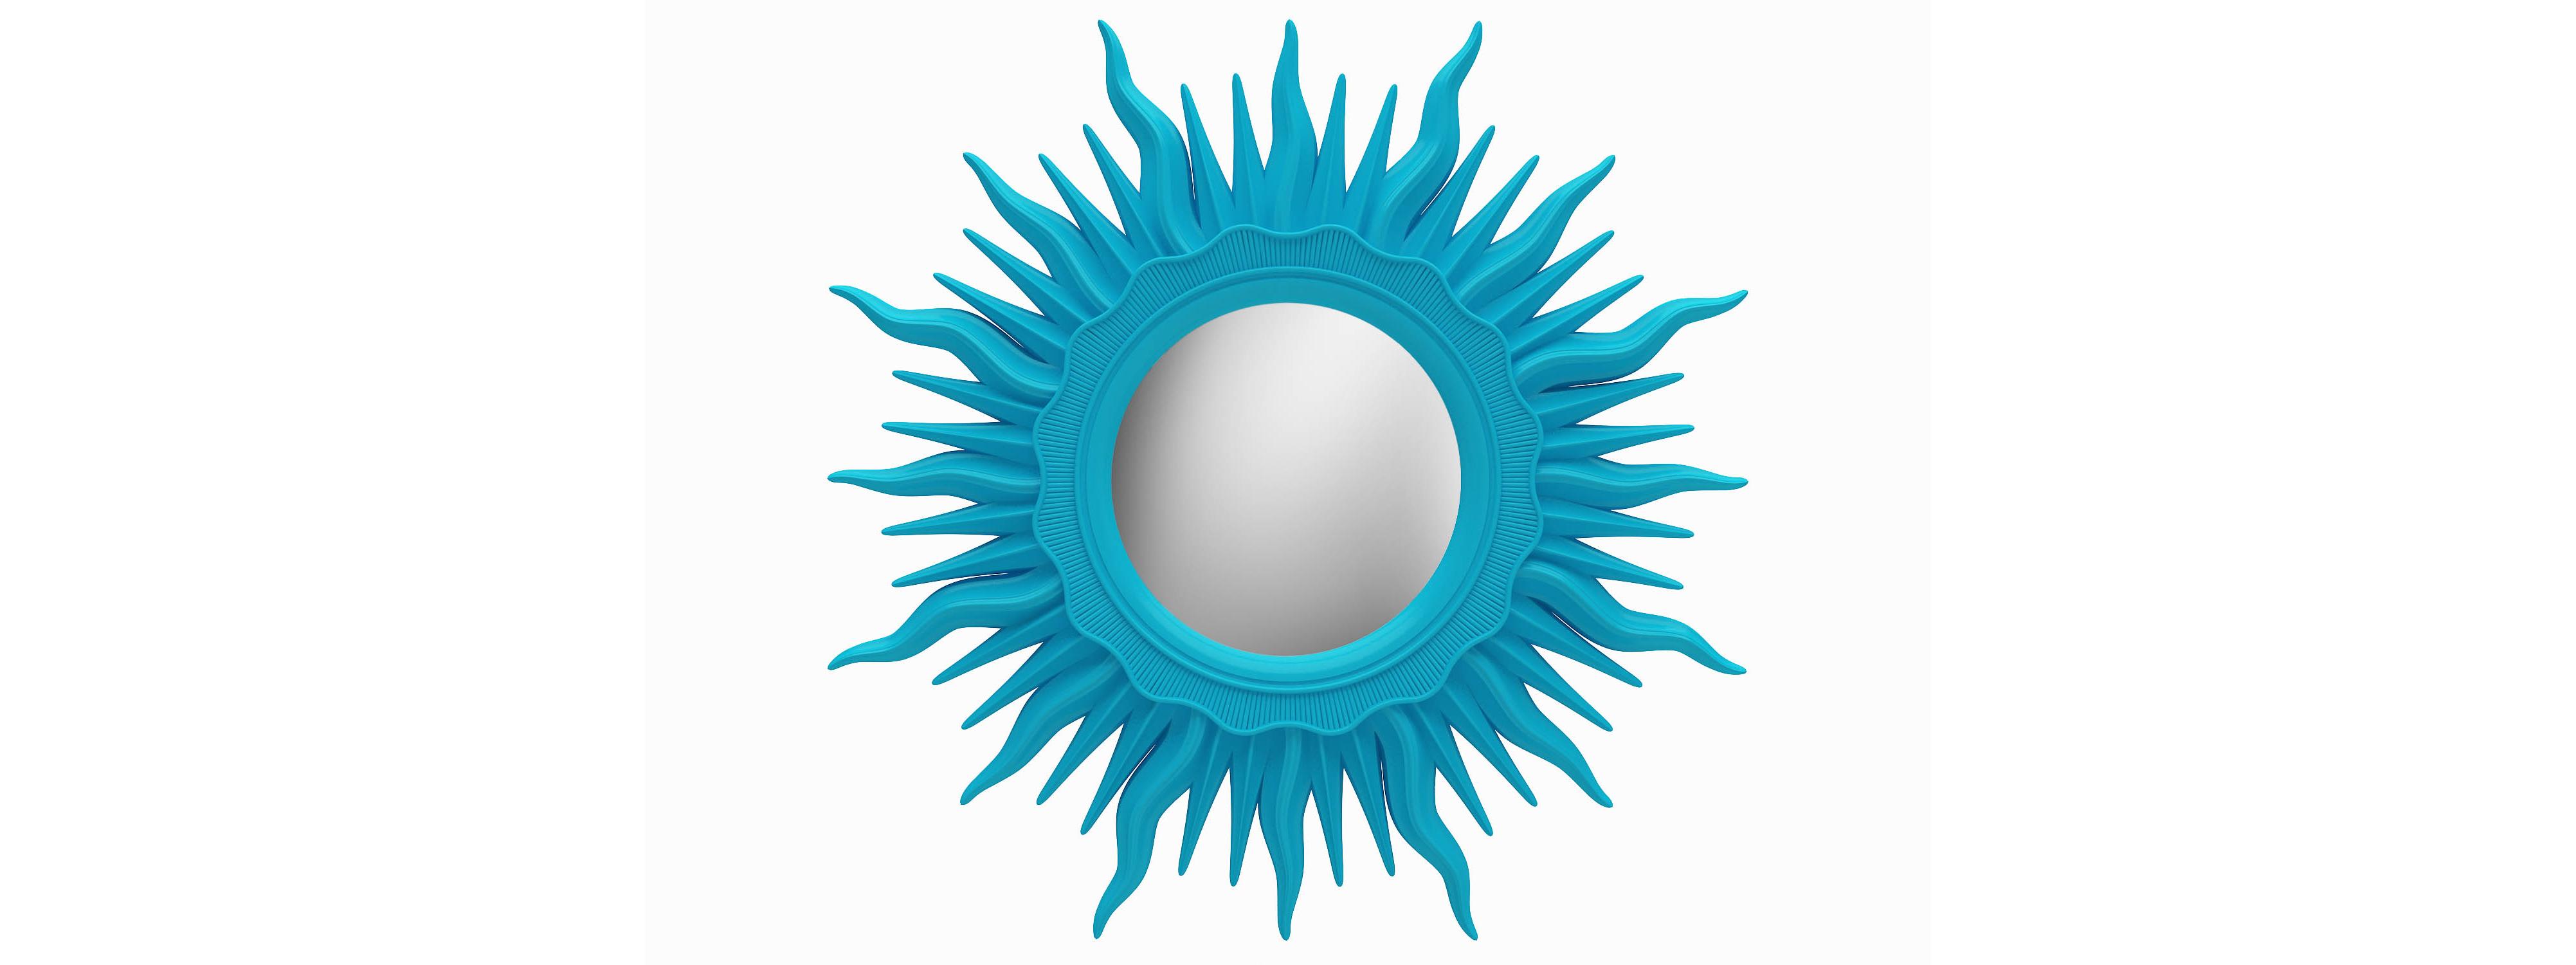 Зеркало АСТРОНастенные зеркала<br>&amp;lt;div&amp;gt;Зеркало в виде солнца ? необыкновенная вещица для нестандартного интерьера. Лучи этого светила изготовлены из композитного полиуретана и окрашены в насыщенный бирюзовый оттенок. Солнце цвета неба? Почему бы и нет?! Материал очень крепок, не нужно бояться, что лучи сломаются. Он влагостойкий, поэтому зеркало можно использовать в ванной комнате. В составе ППУ отсутствуют токсичные компоненты, он полностью безопасен для человека.&amp;lt;/div&amp;gt;&amp;lt;div&amp;gt;&amp;lt;br&amp;gt;&amp;lt;/div&amp;gt;&amp;lt;div&amp;gt;&amp;lt;div&amp;gt;Цвет:&amp;amp;nbsp;Бирюза&amp;lt;/div&amp;gt;&amp;lt;/div&amp;gt;<br><br>Material: Полиуретан<br>Width см: None<br>Depth см: 4<br>Diameter см: 96